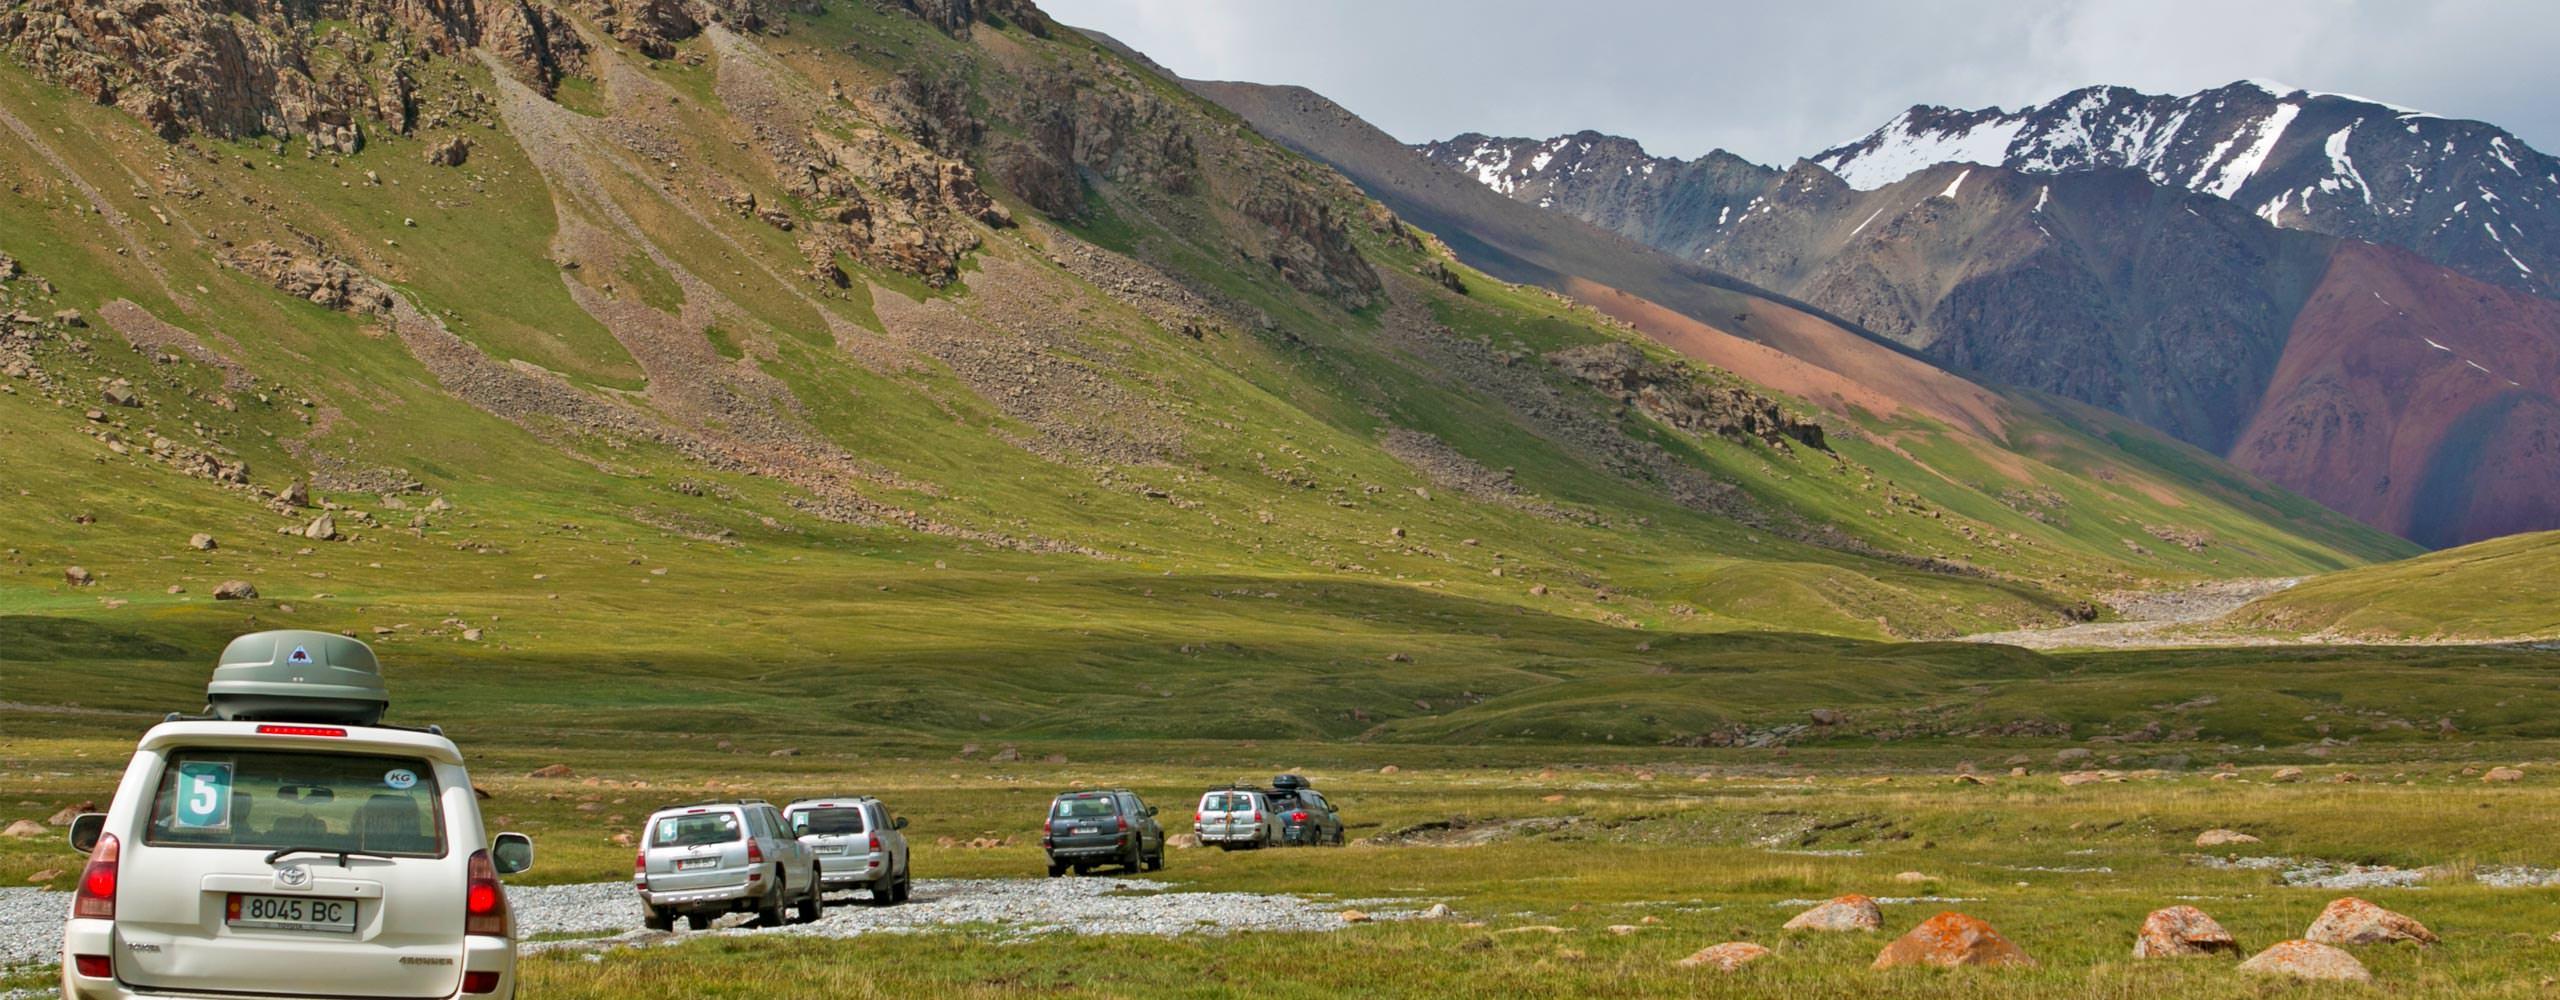 טיול ג'יפים לעומק הרי הטיאן שאן בקירגיזסטן